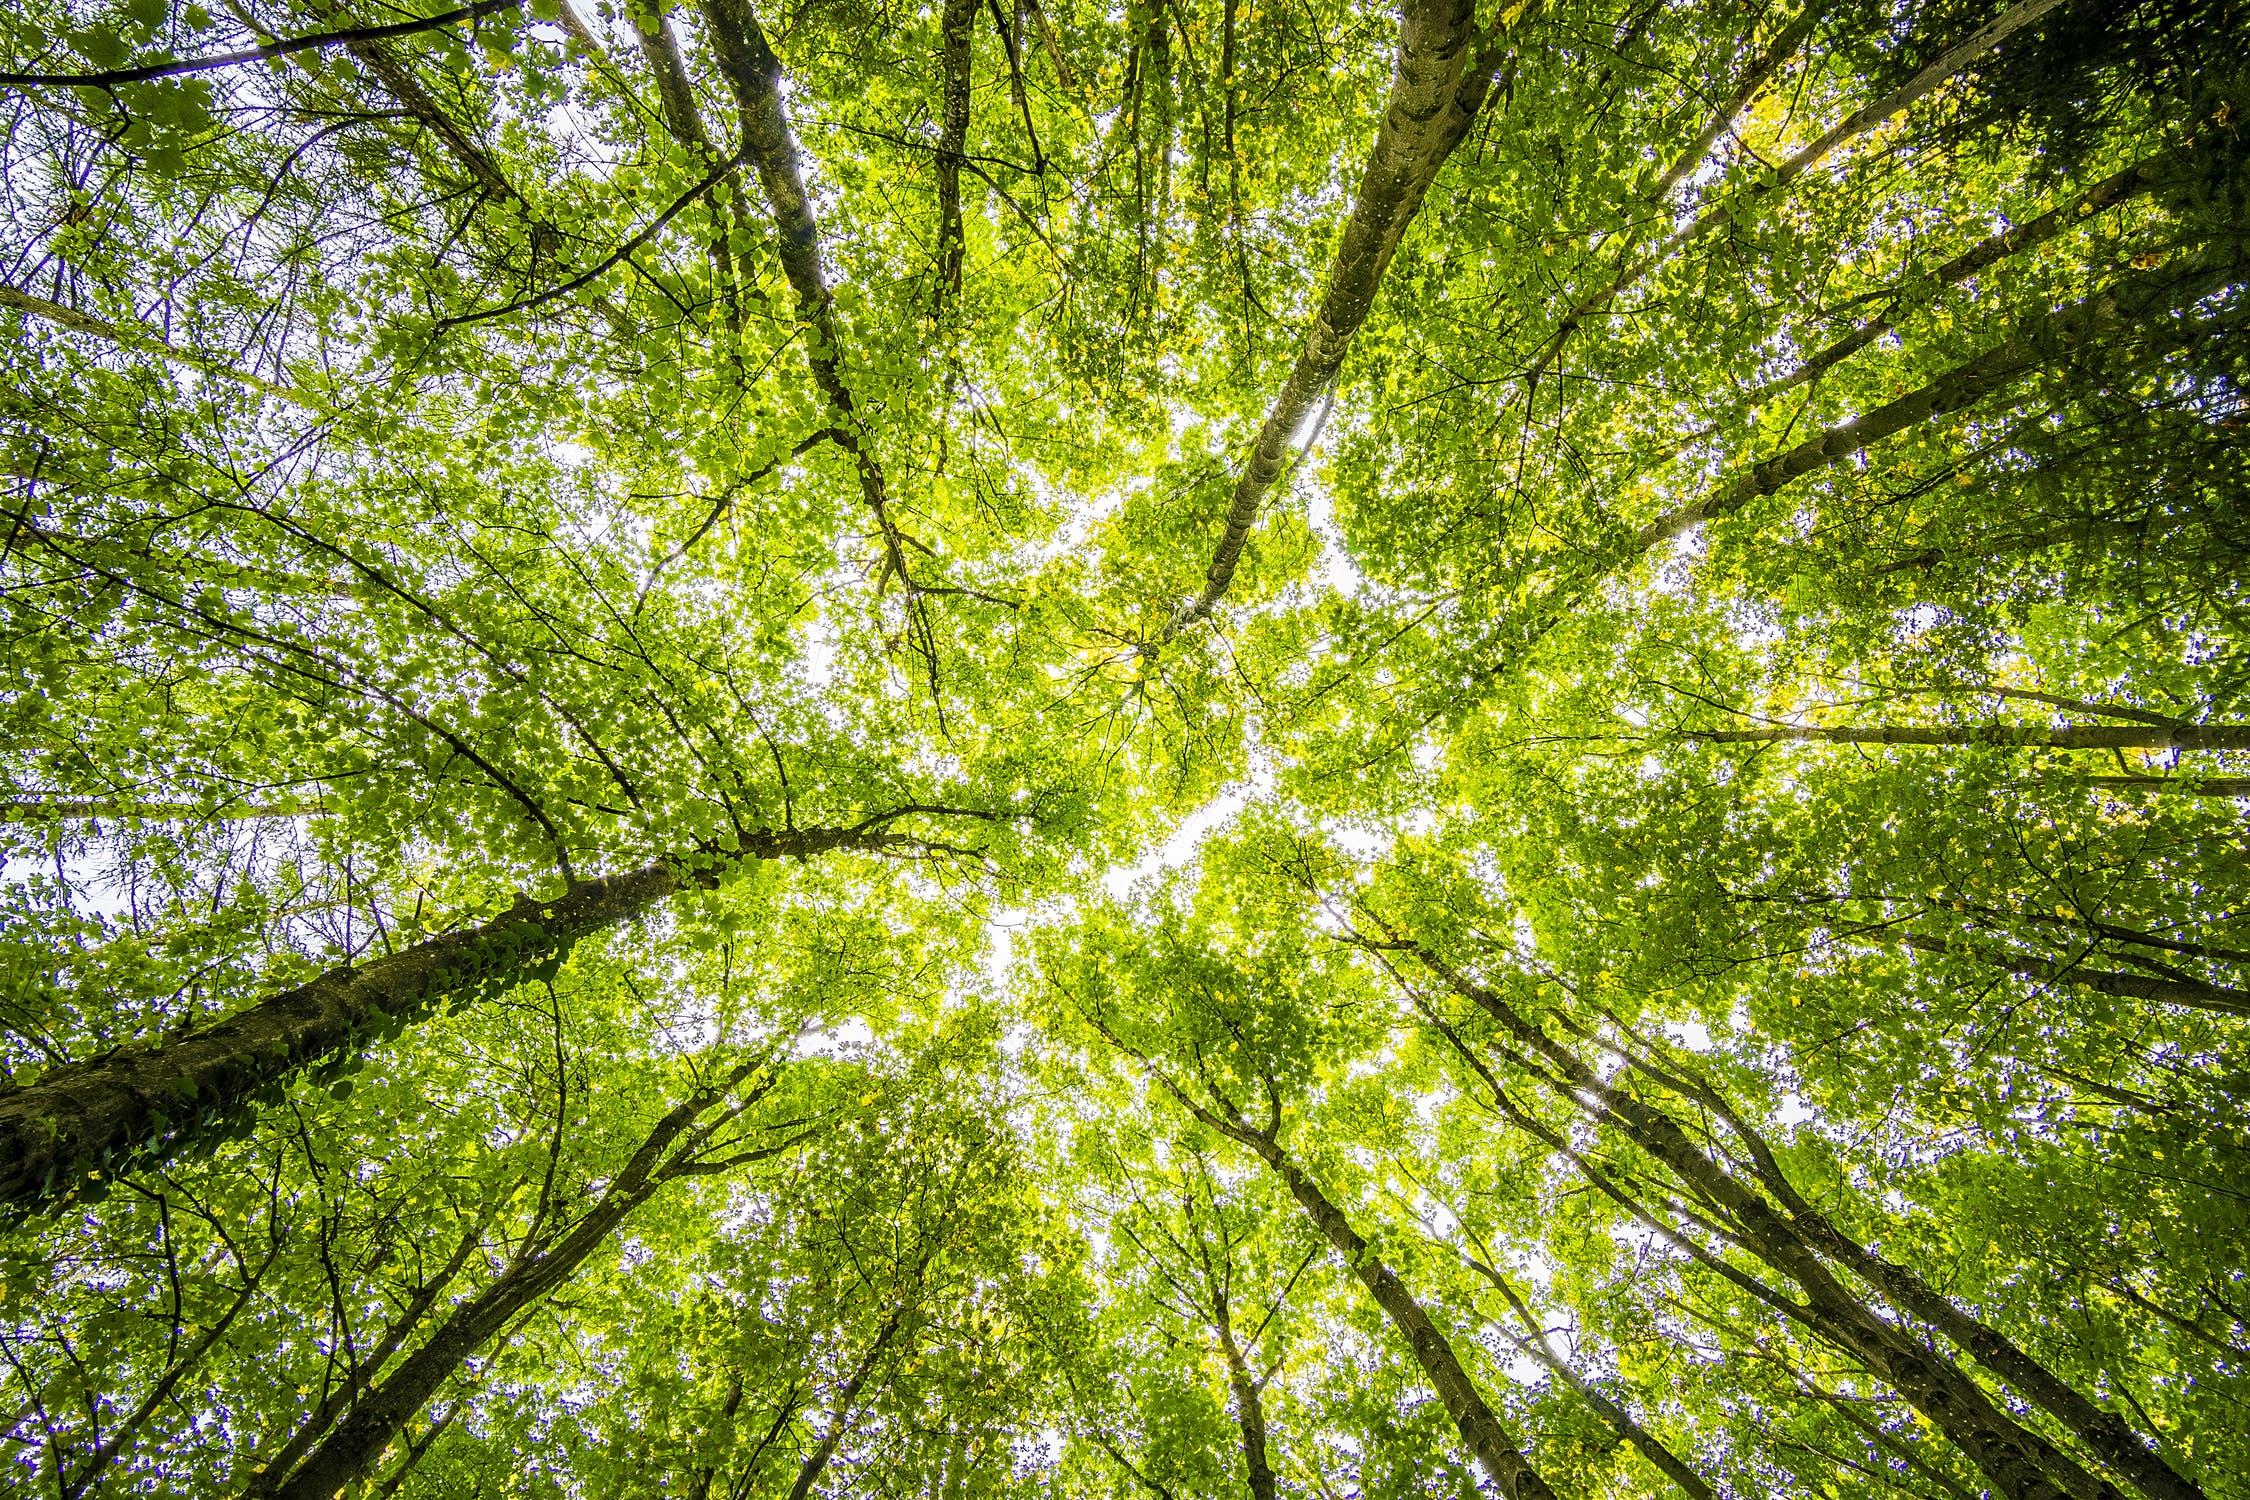 Октябрьский лесхоз на хорошем счету среди лесных предприятий Гомельщины